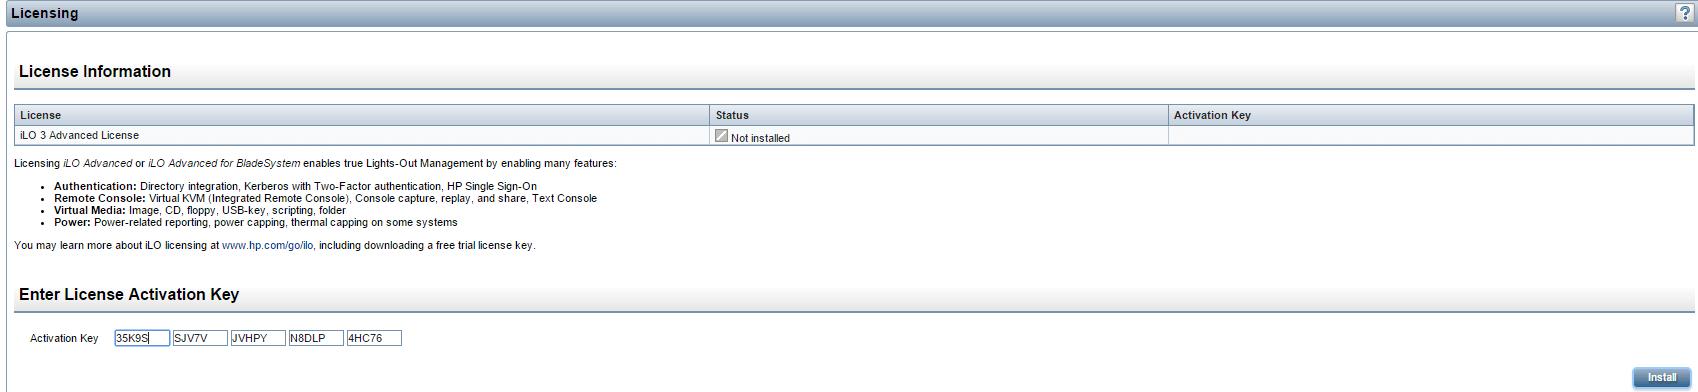 Как получить пробную лицензию HP для ILO порта-13